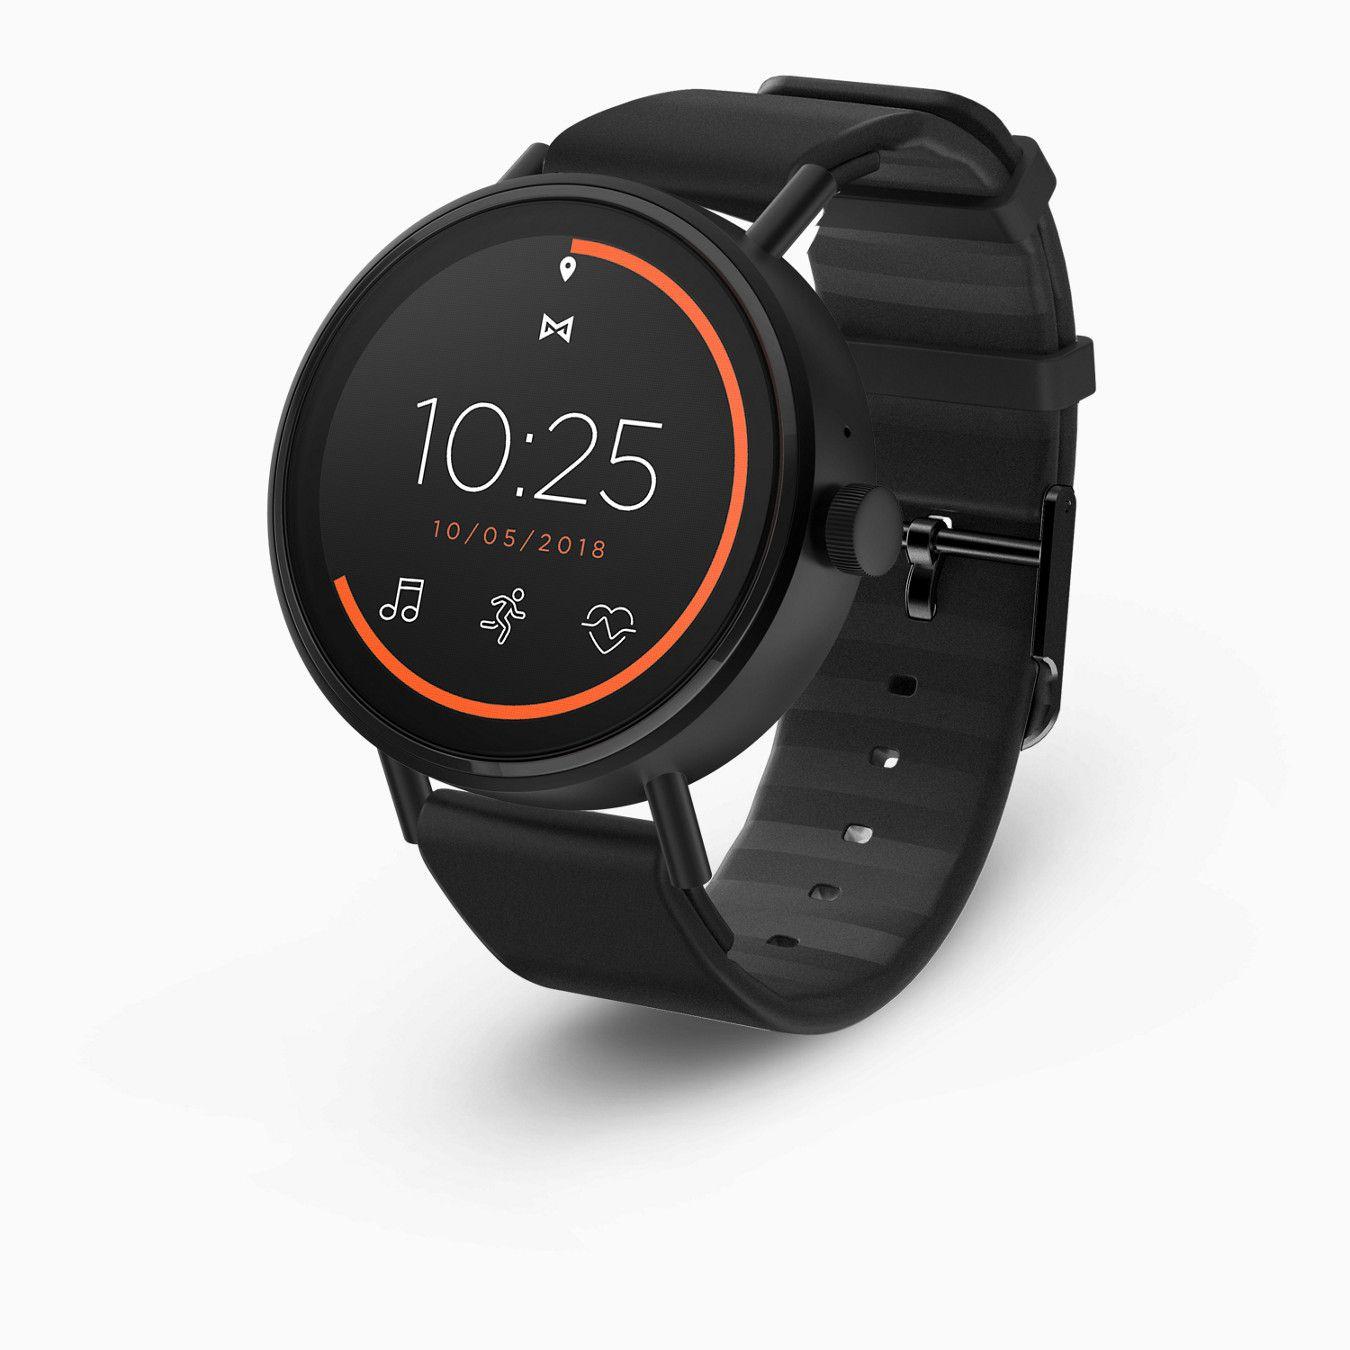 Misfit Vapor 2, Google WearOS Smartwatch, £149.99 @ Argos